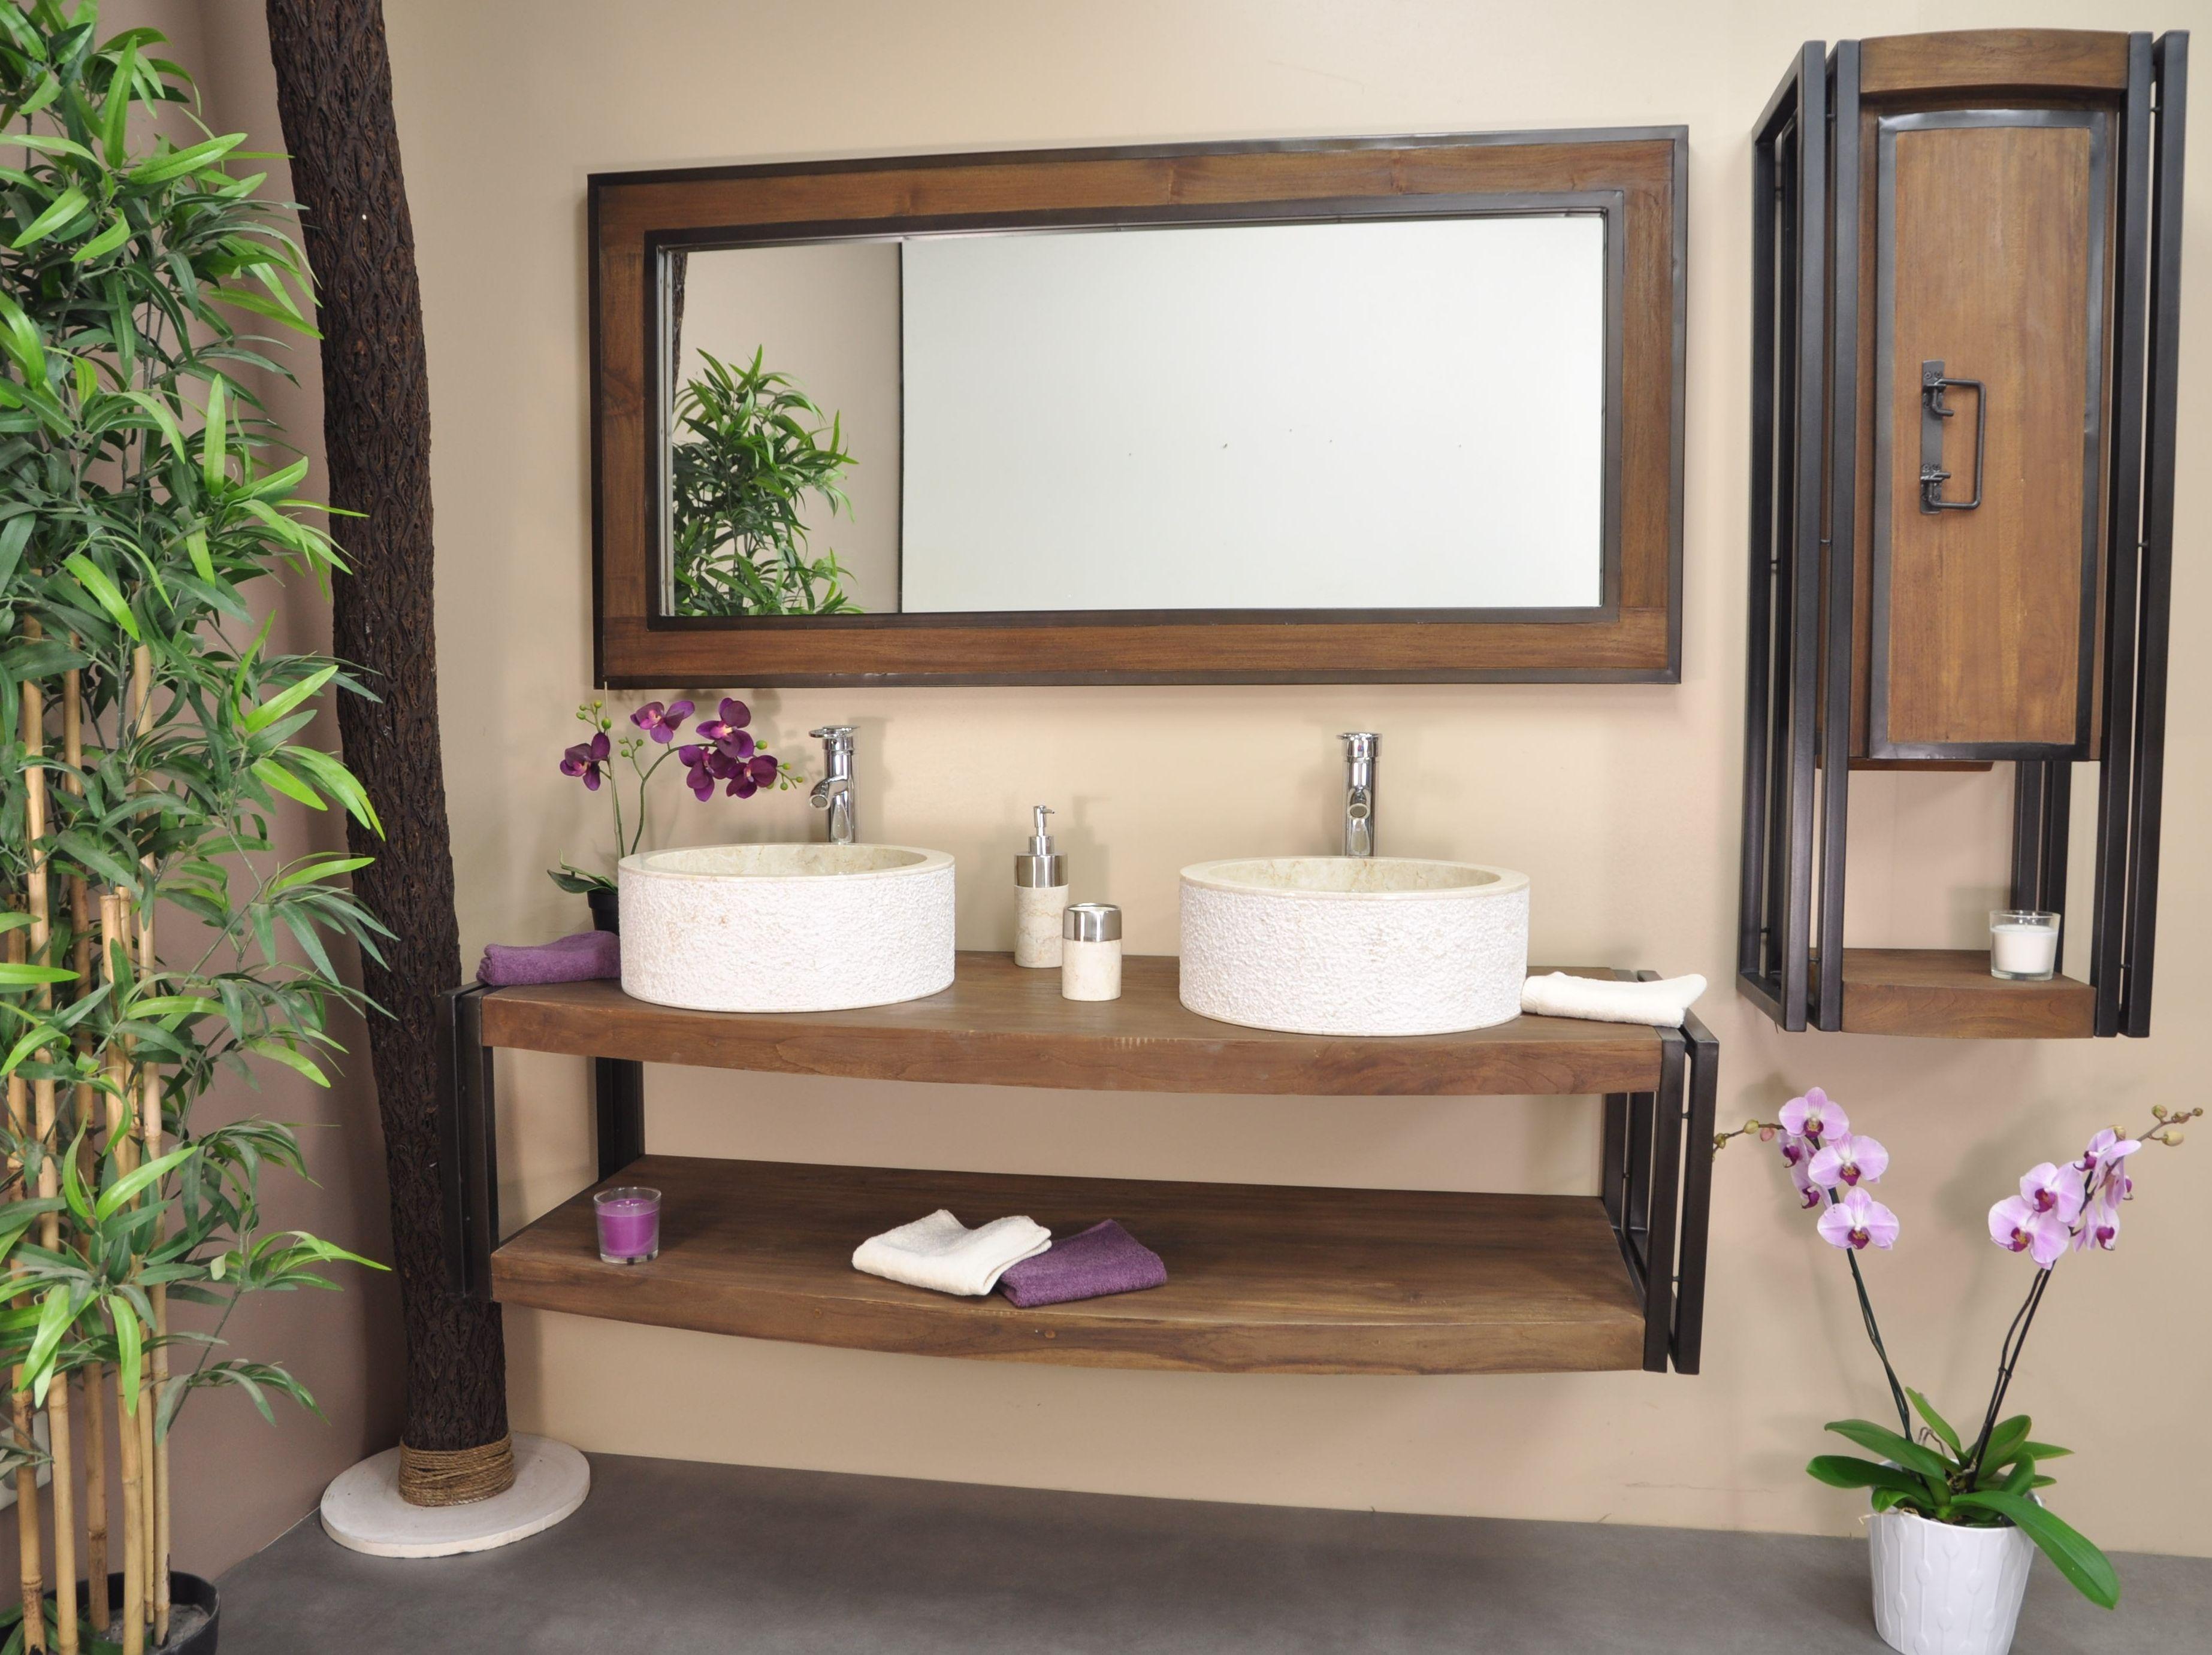 ensemble meuble 145cm miroir de la collection elgance parfait pour 2 vasques poser - Meuble Double Vasque A Poser 2